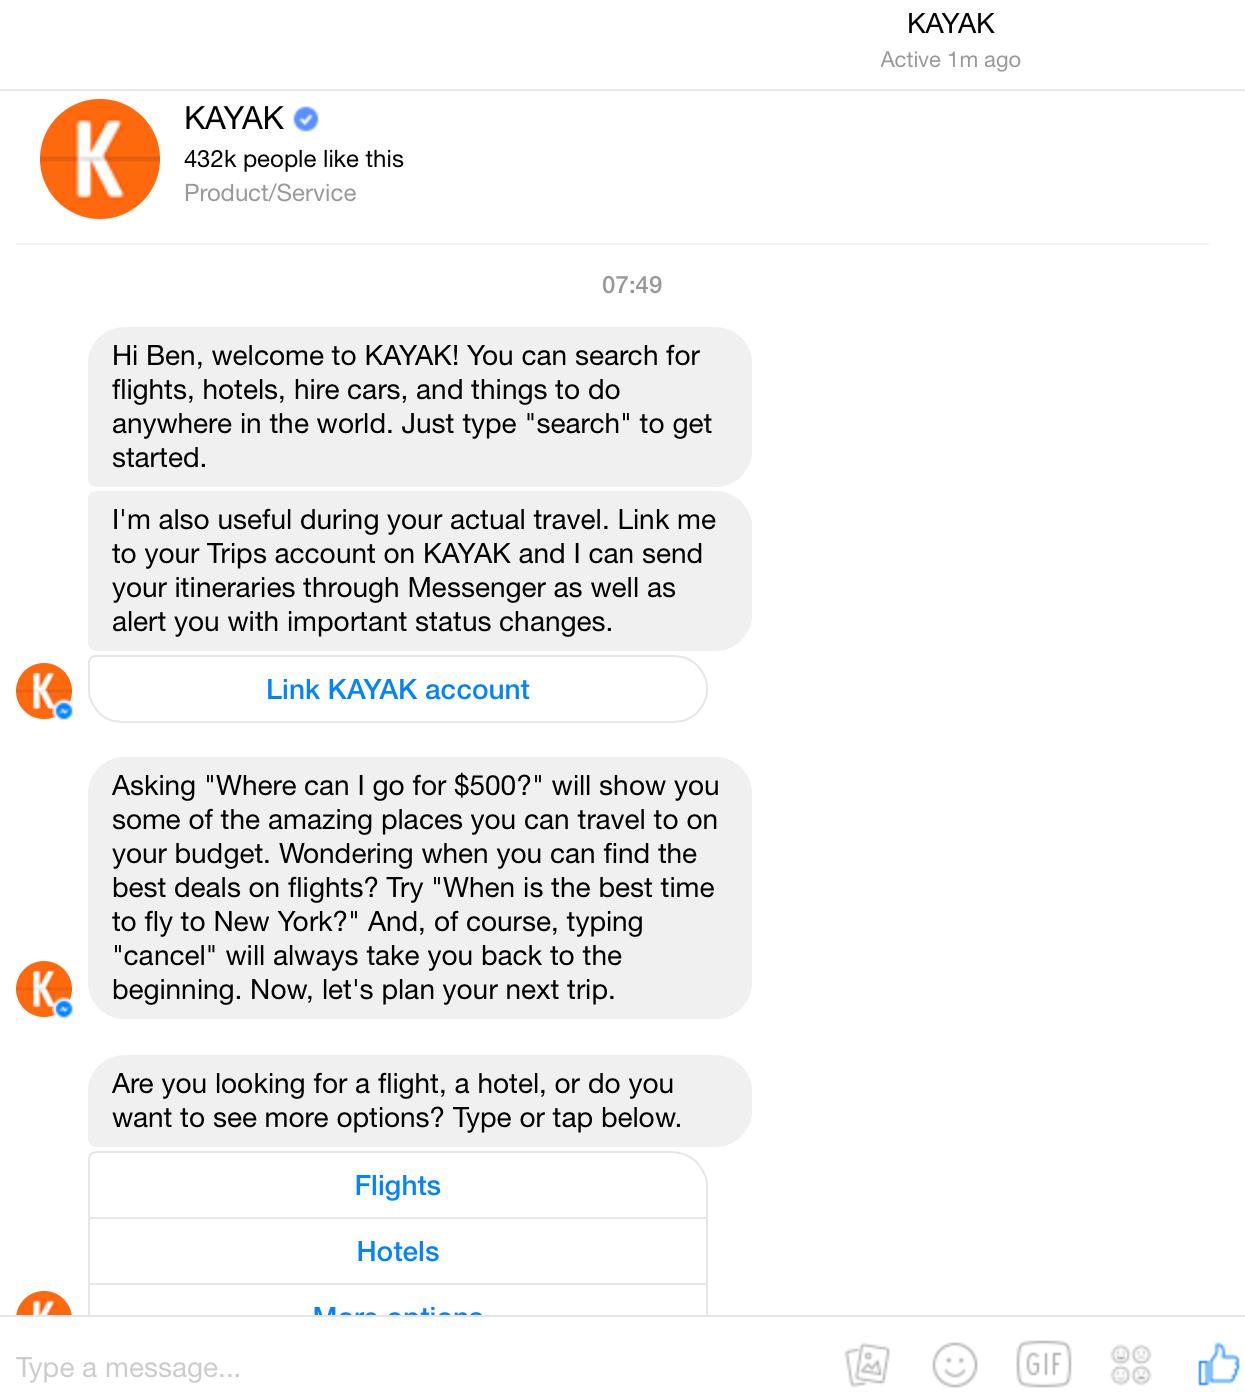 Kayak bot conversation 1